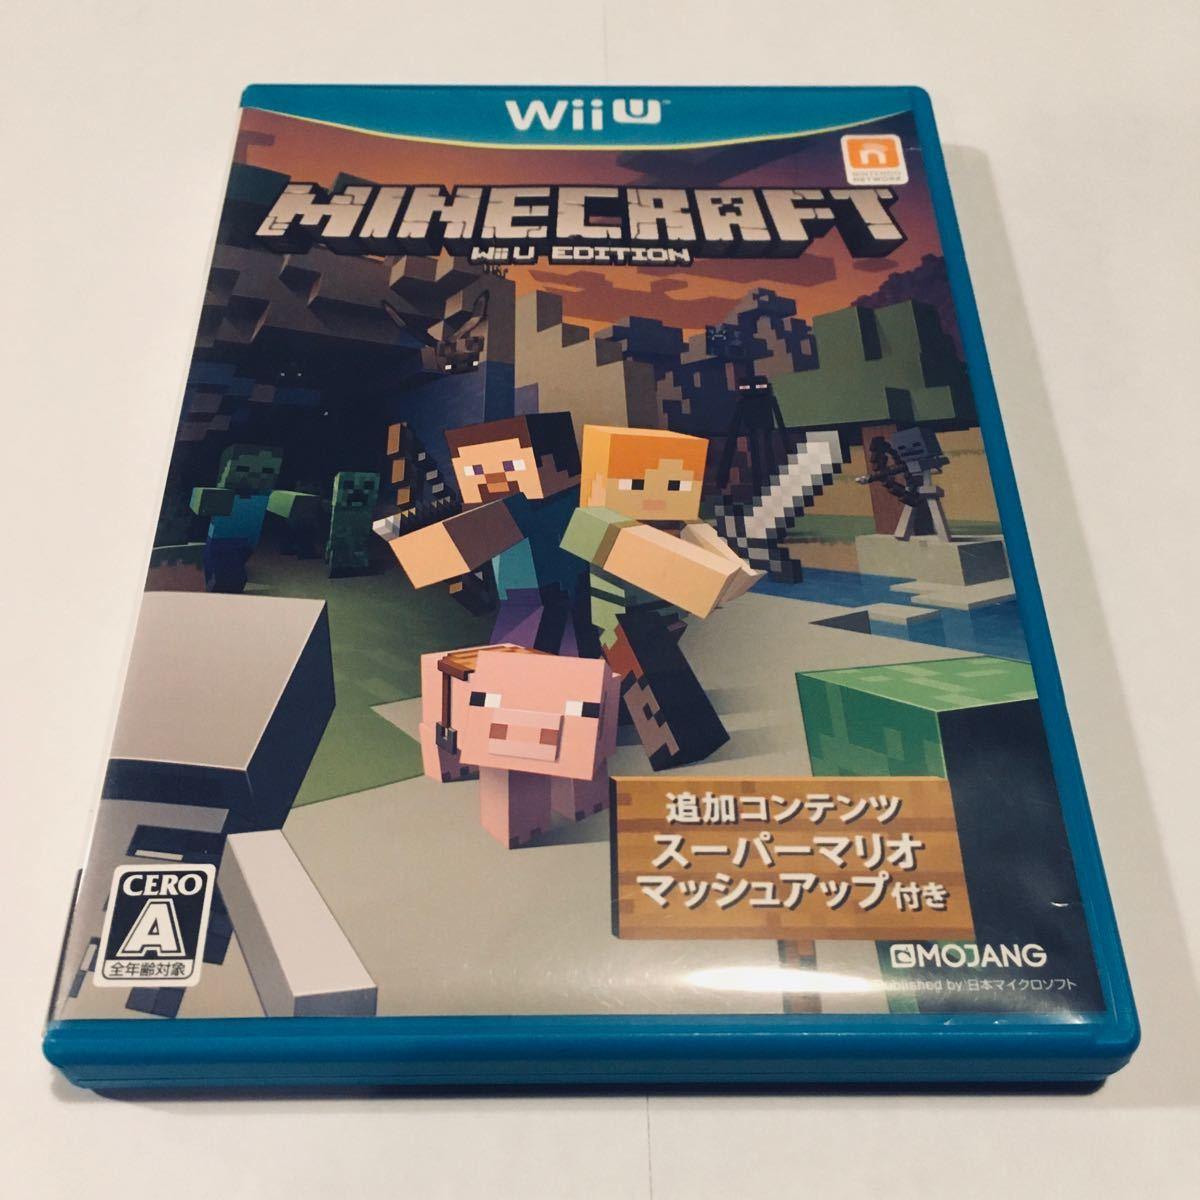 MINECRAFT: Wii U EDITION マインクラフト